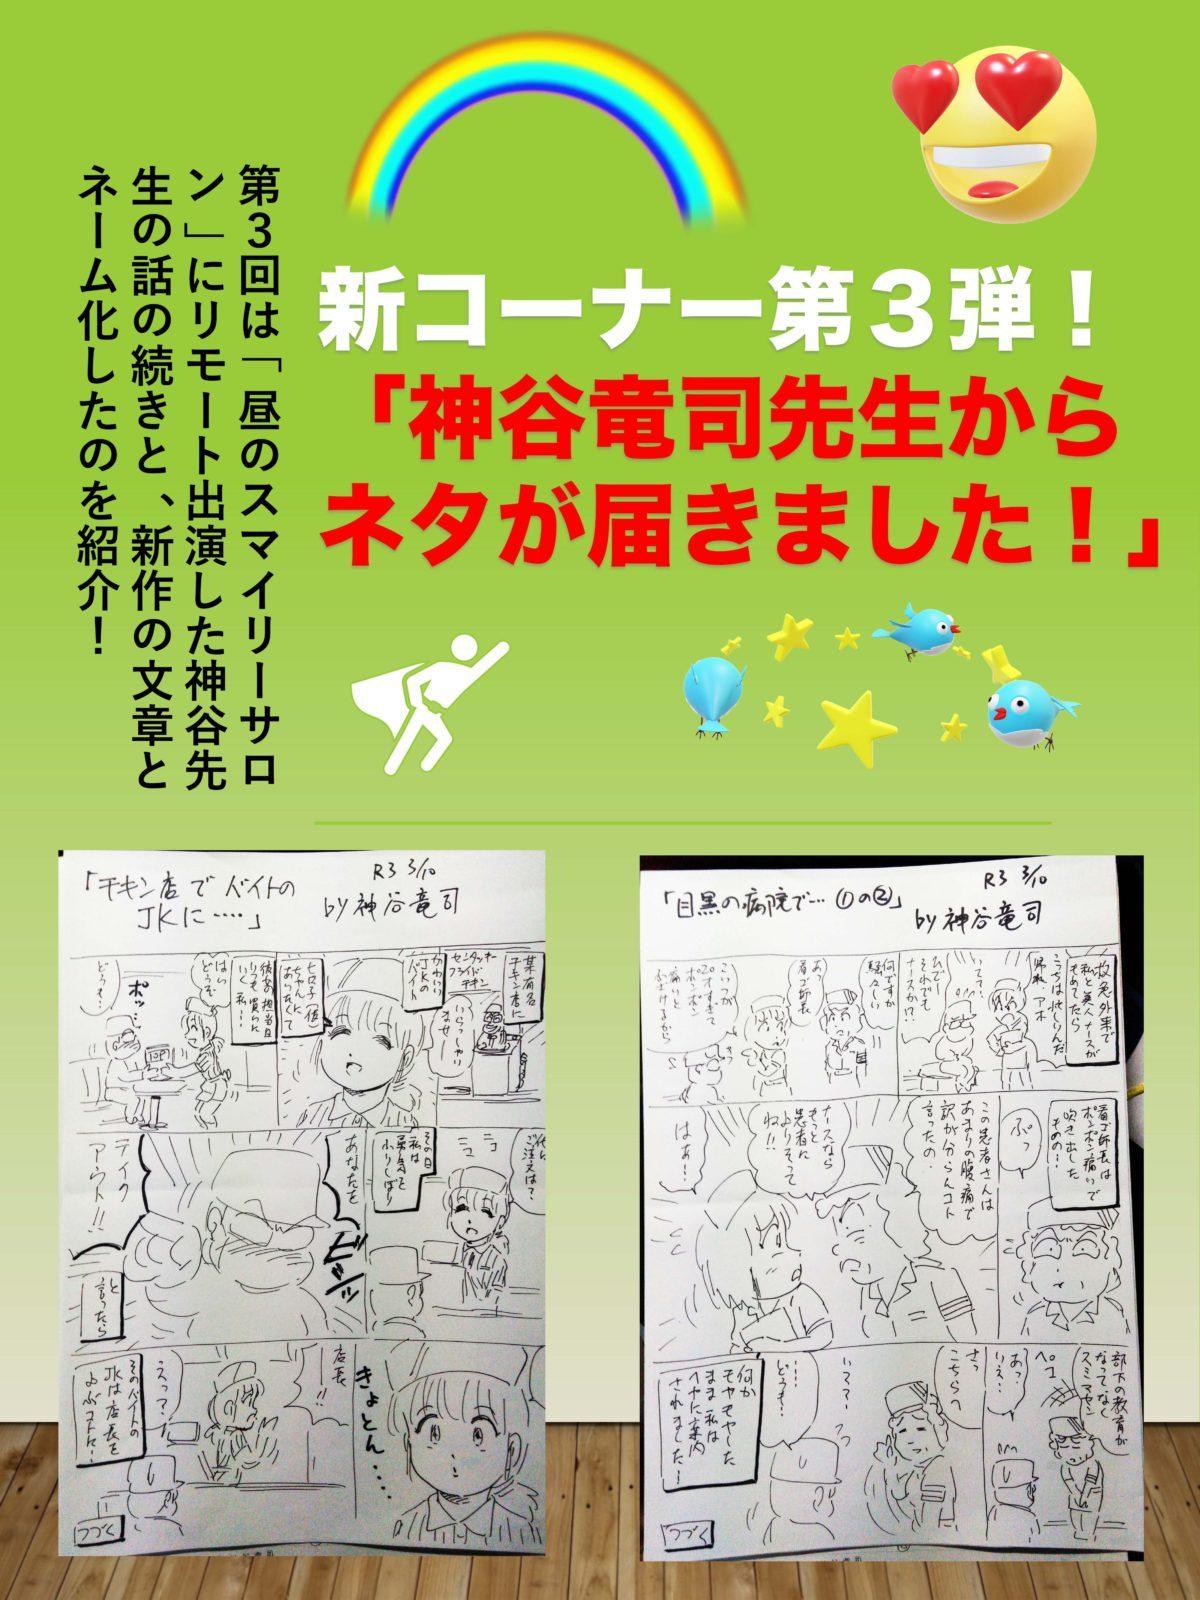 早くもその3です! 今回も2ネタ!「神谷竜司先生からネタが届きました!」